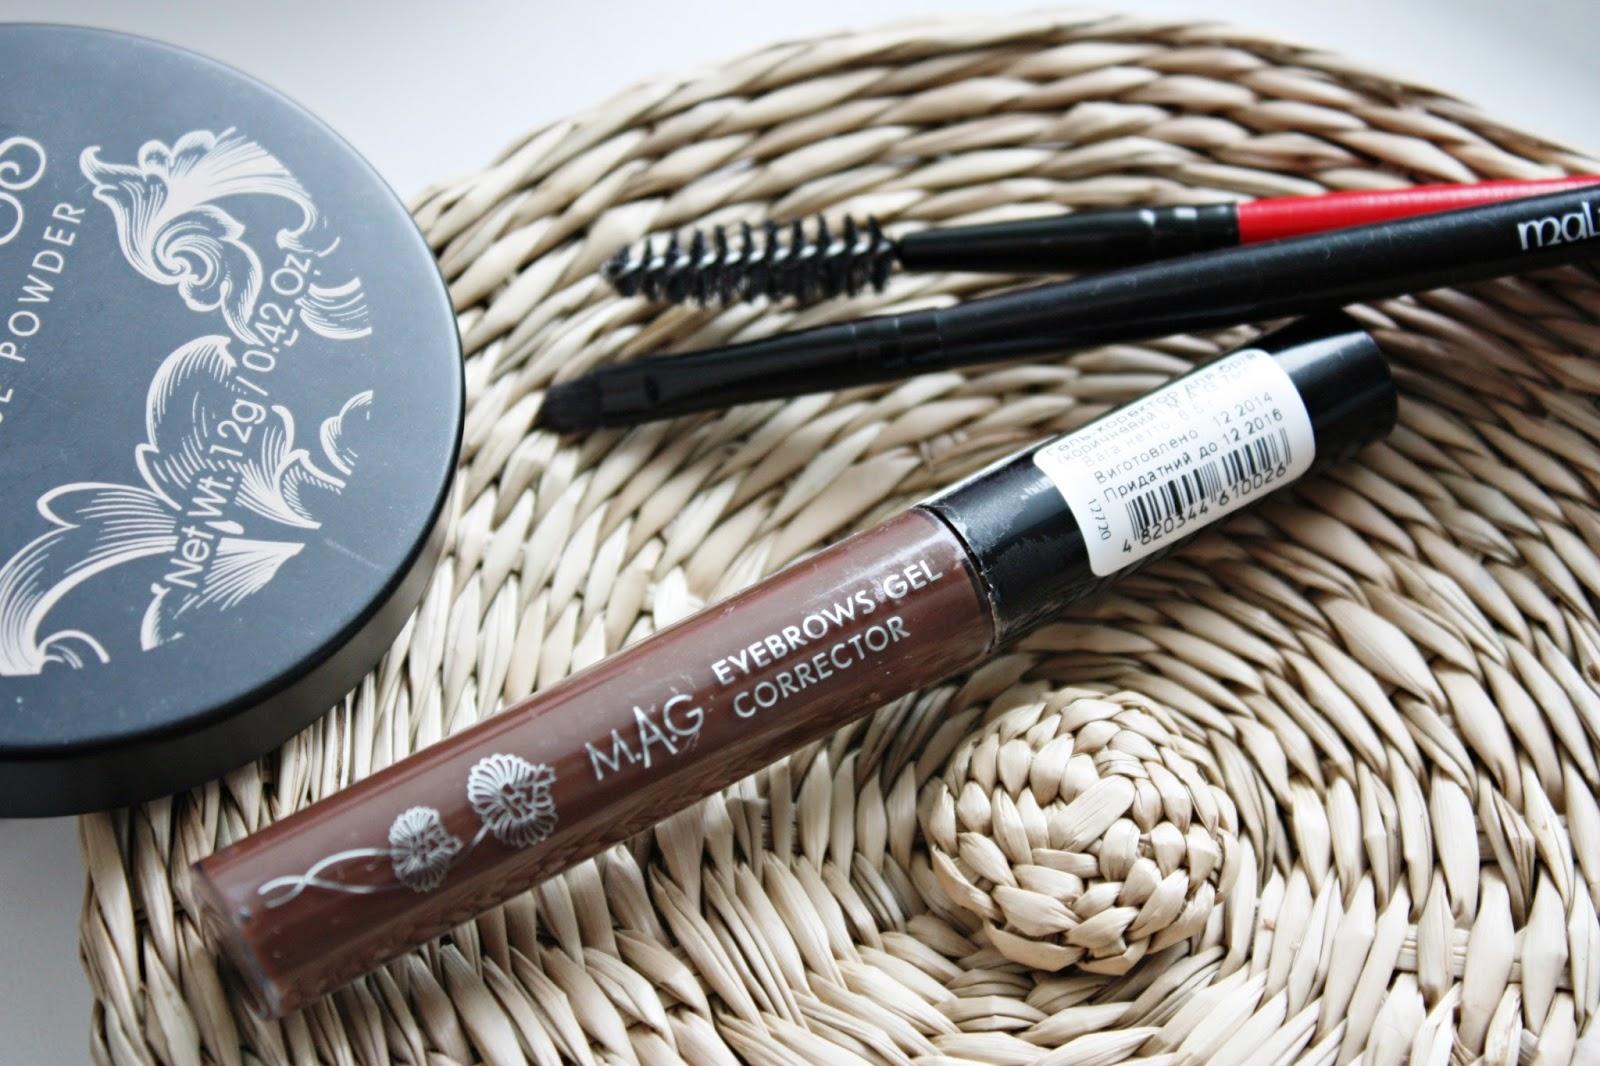 Получить временный эффект густых и широких бровей можно с помощью специальных гелей, пудр и косметического карандаша